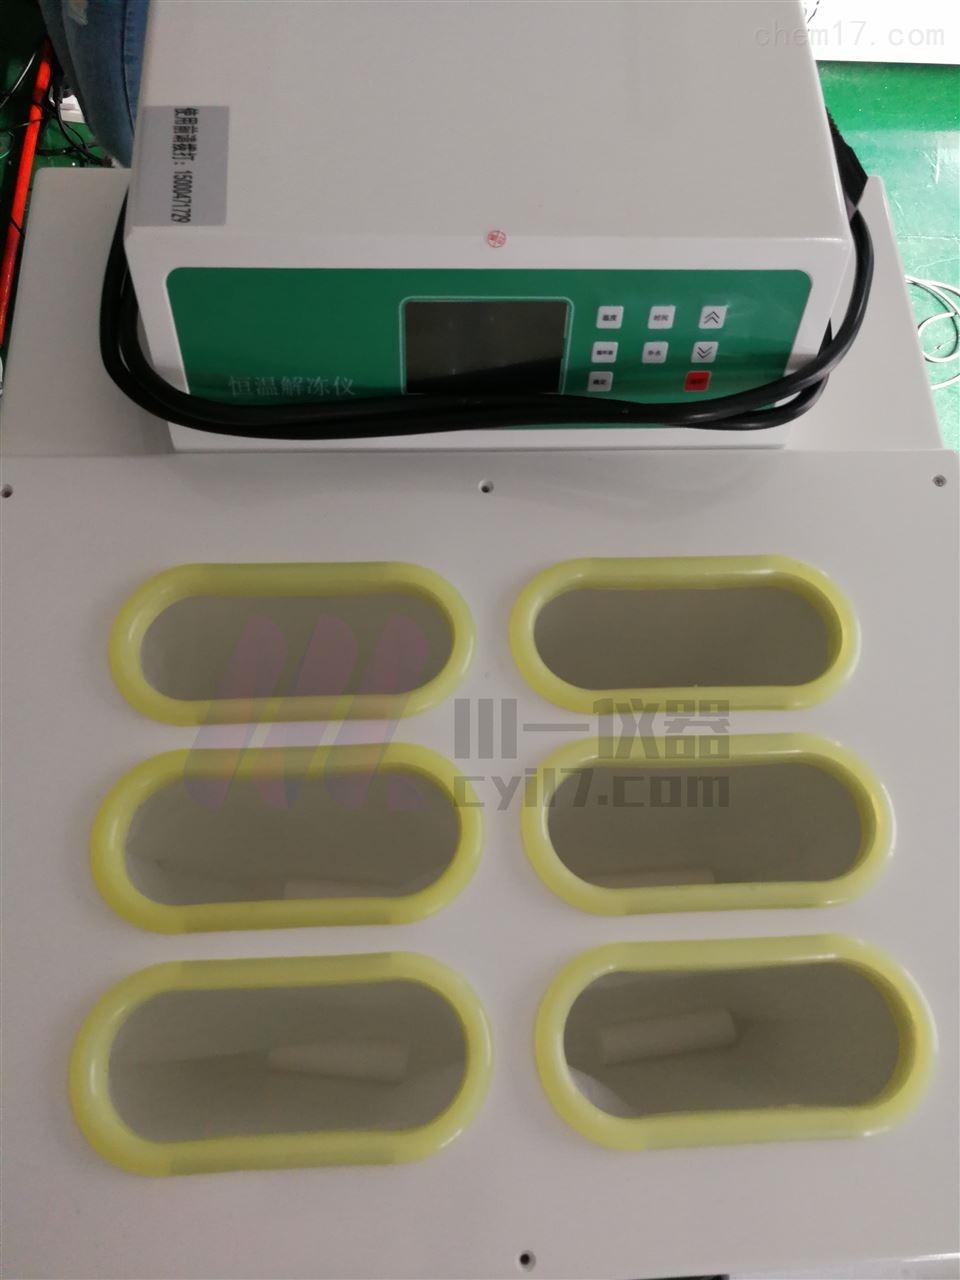 全自动恒温解冻仪CYRJ-4D隔水式血浆融化箱